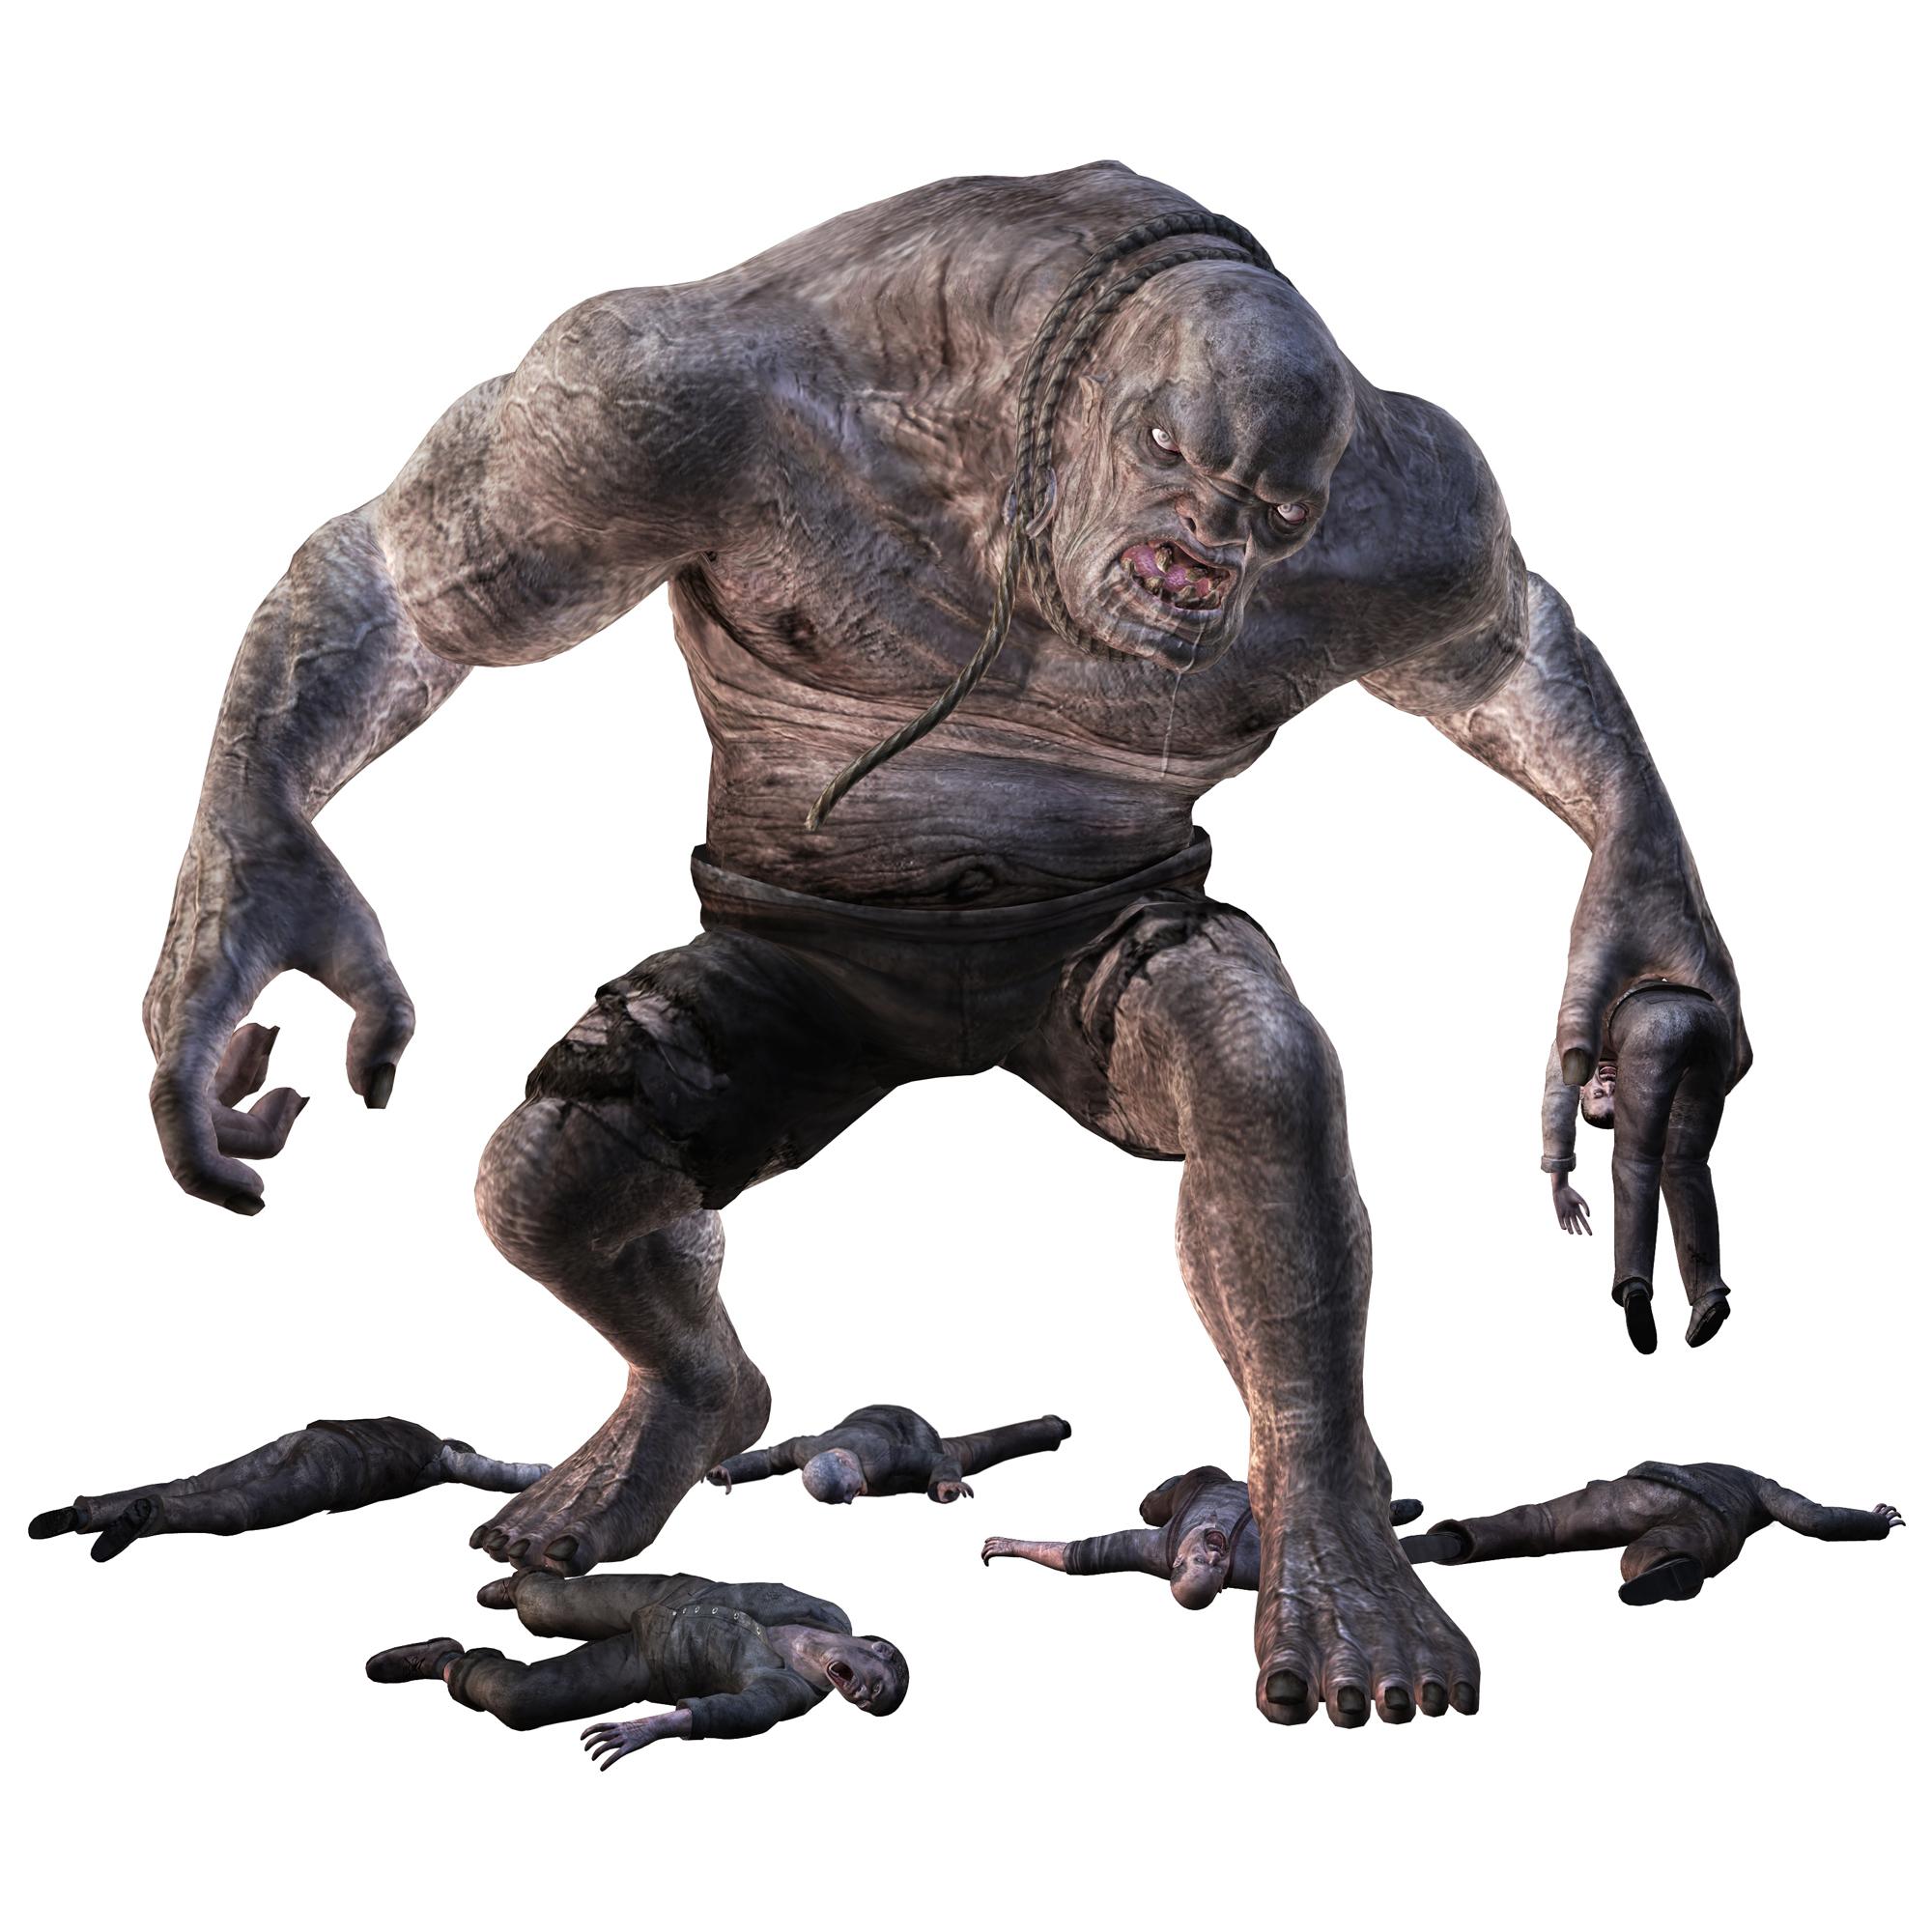 Biohazard 4 (Resident Evil 4) Residentevil4_conceptart_la665